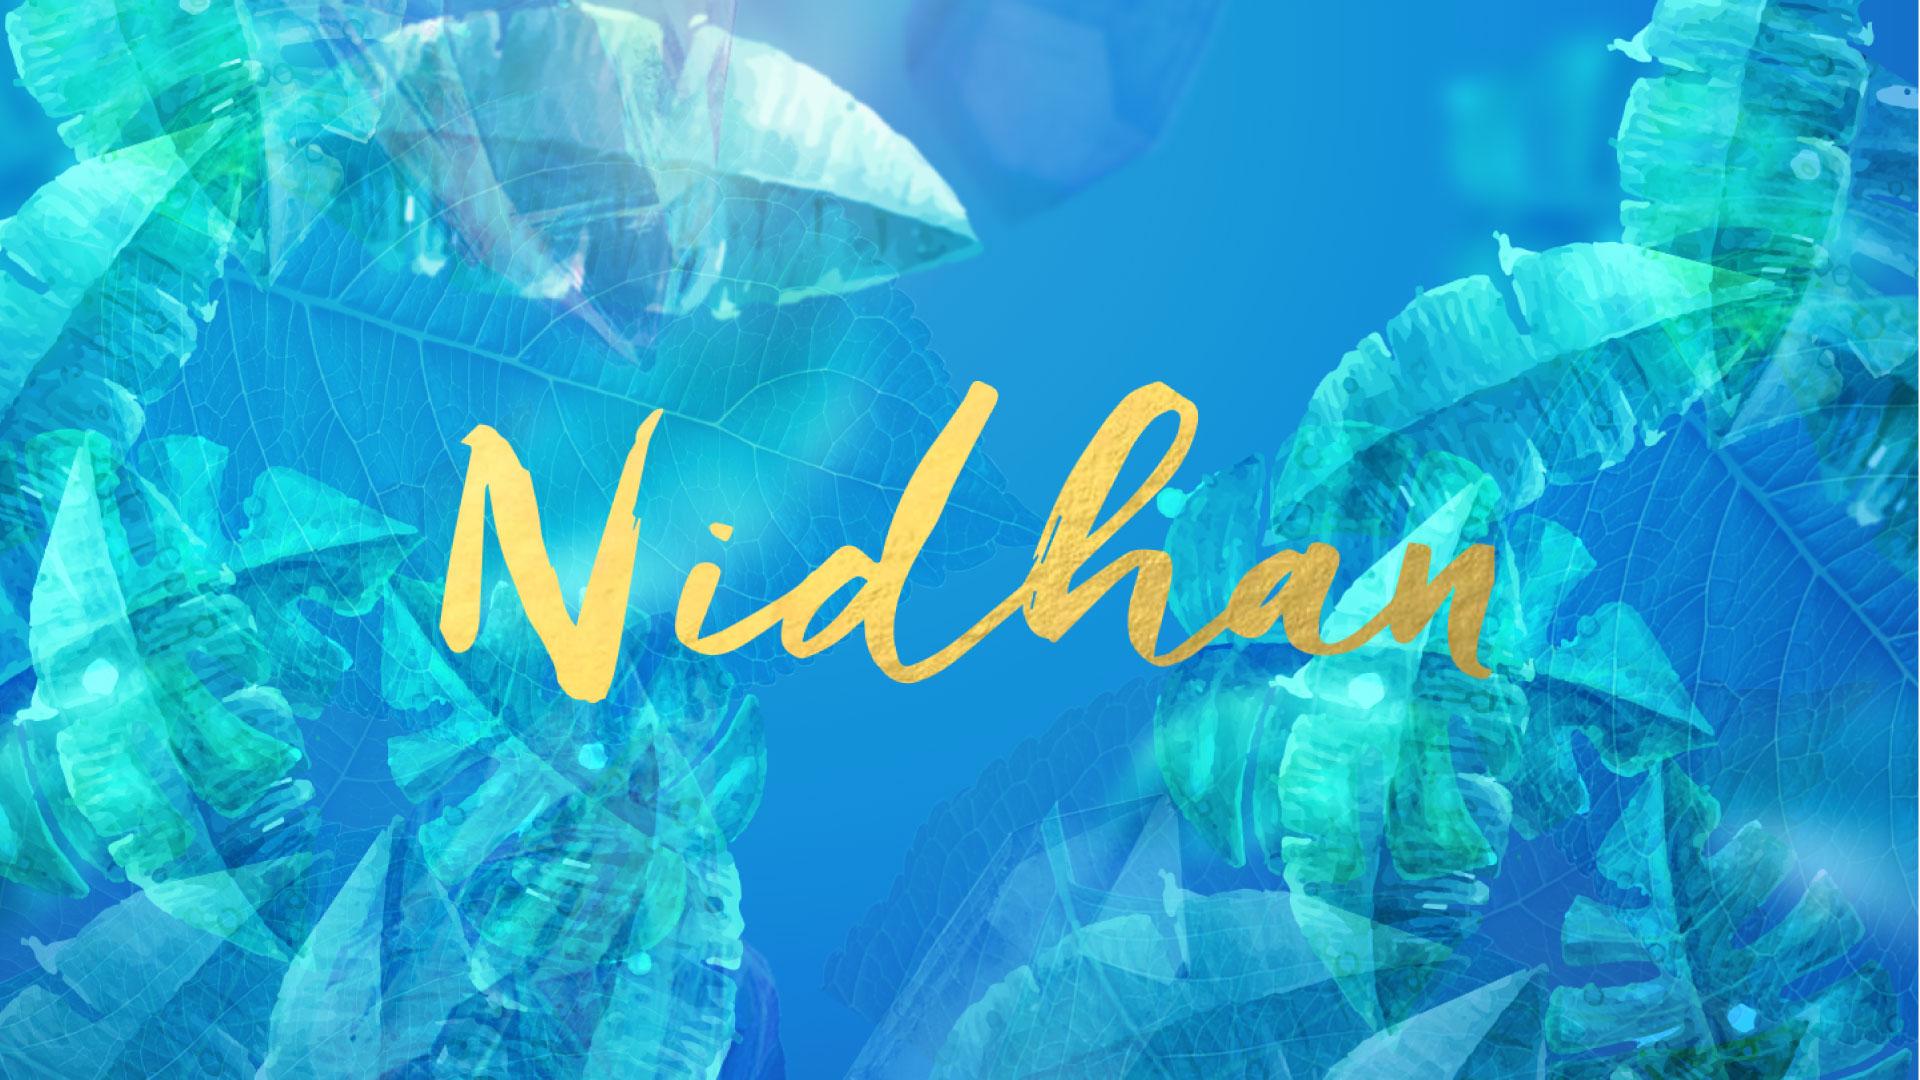 Niddhan